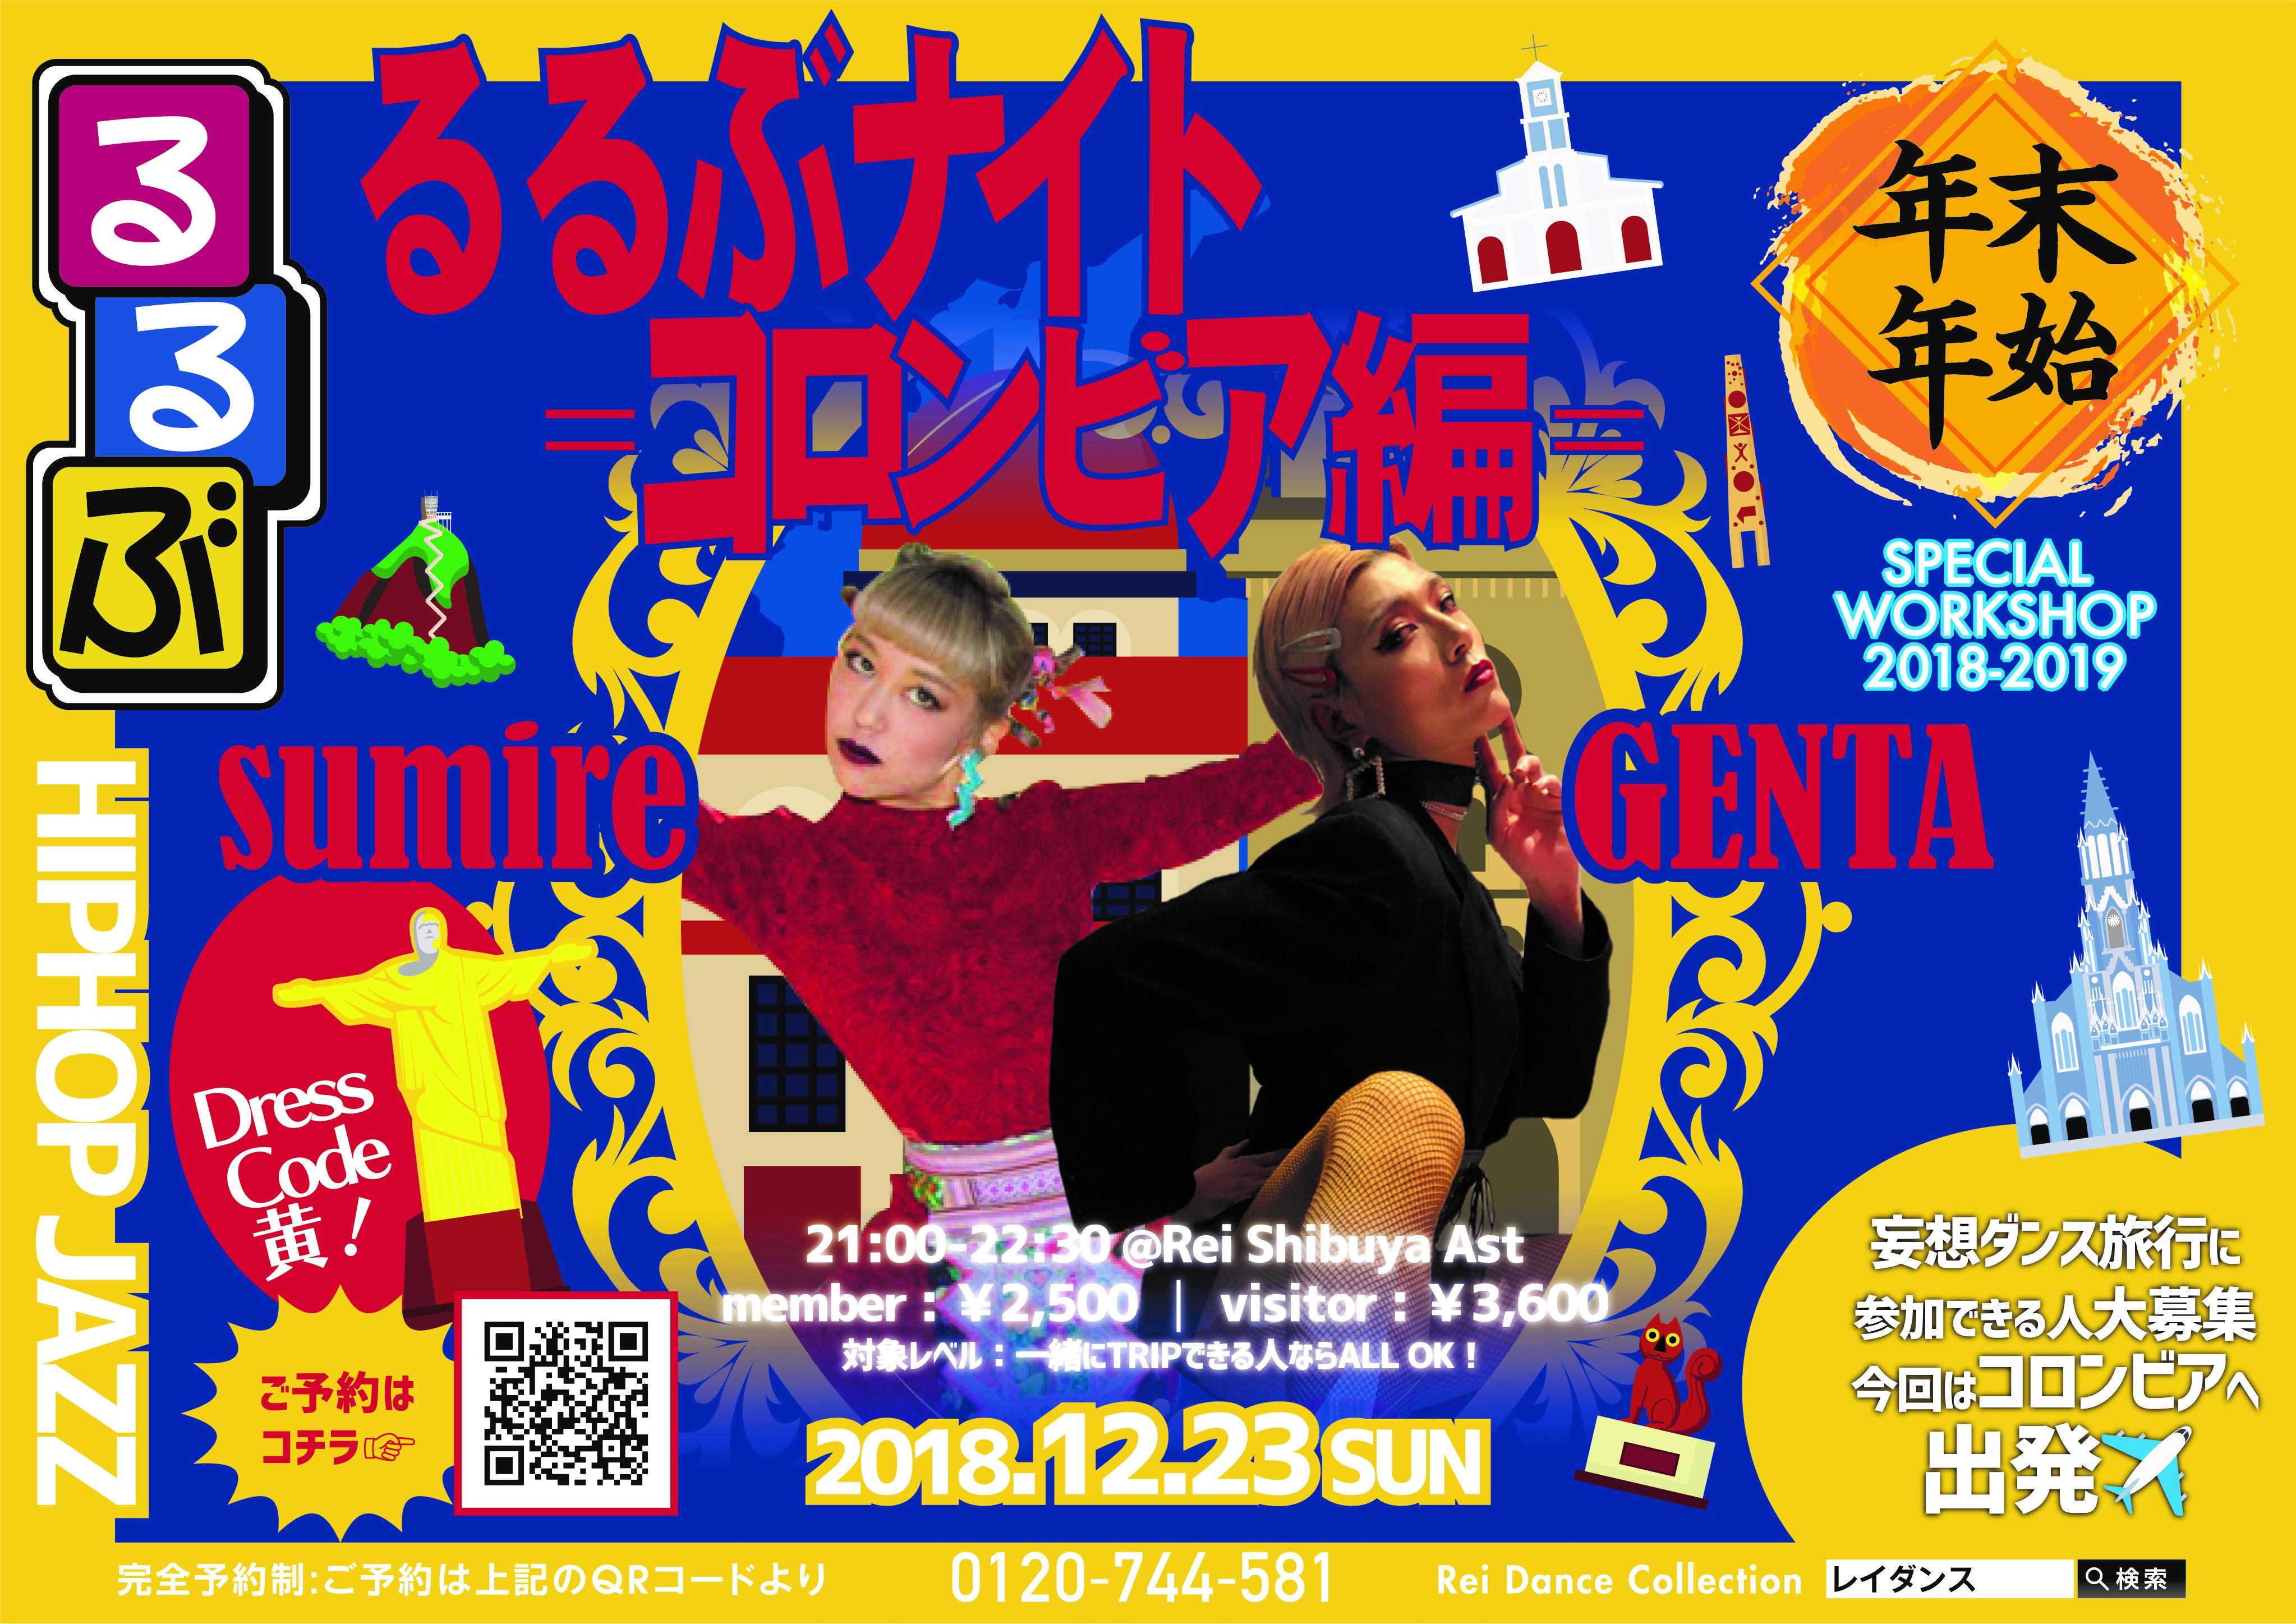 妄想ダンス旅行に出発!?【sumire×GENTA】るるぶナイト=コロンビア編= SPECIALコラボWORKSHOP開催決定!!